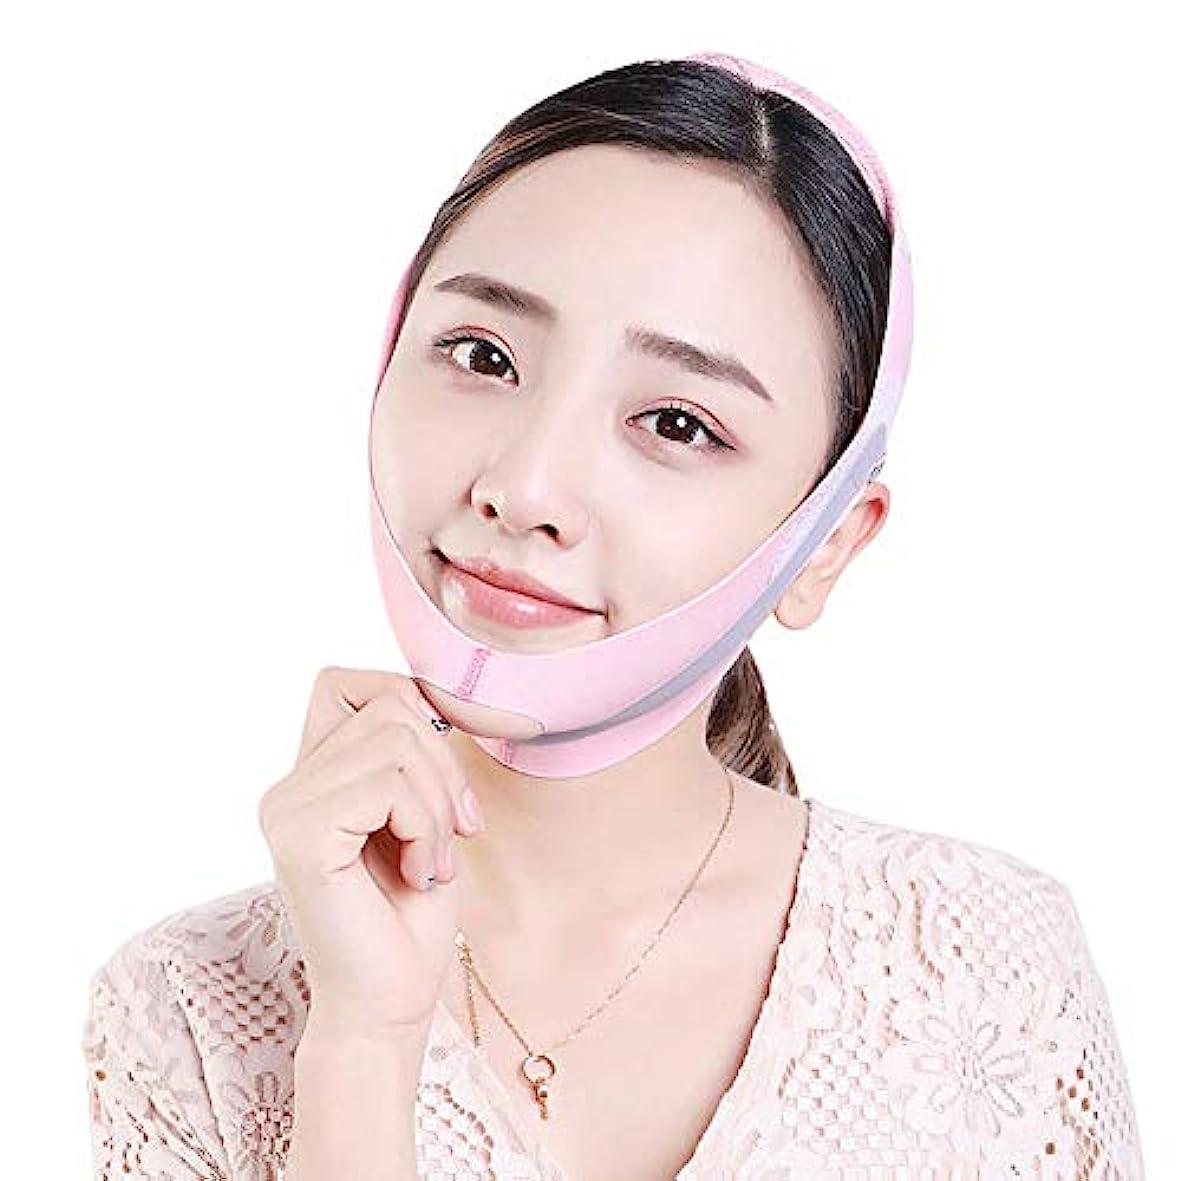 くすぐったい満足させるケーキGYZ たるみを防ぐために顔を持ち上げるために筋肉を引き締めるために二重あごのステッカーとラインを削除するために、顔を持ち上げるアーティファクト包帯があります - ピンク Thin Face Belt